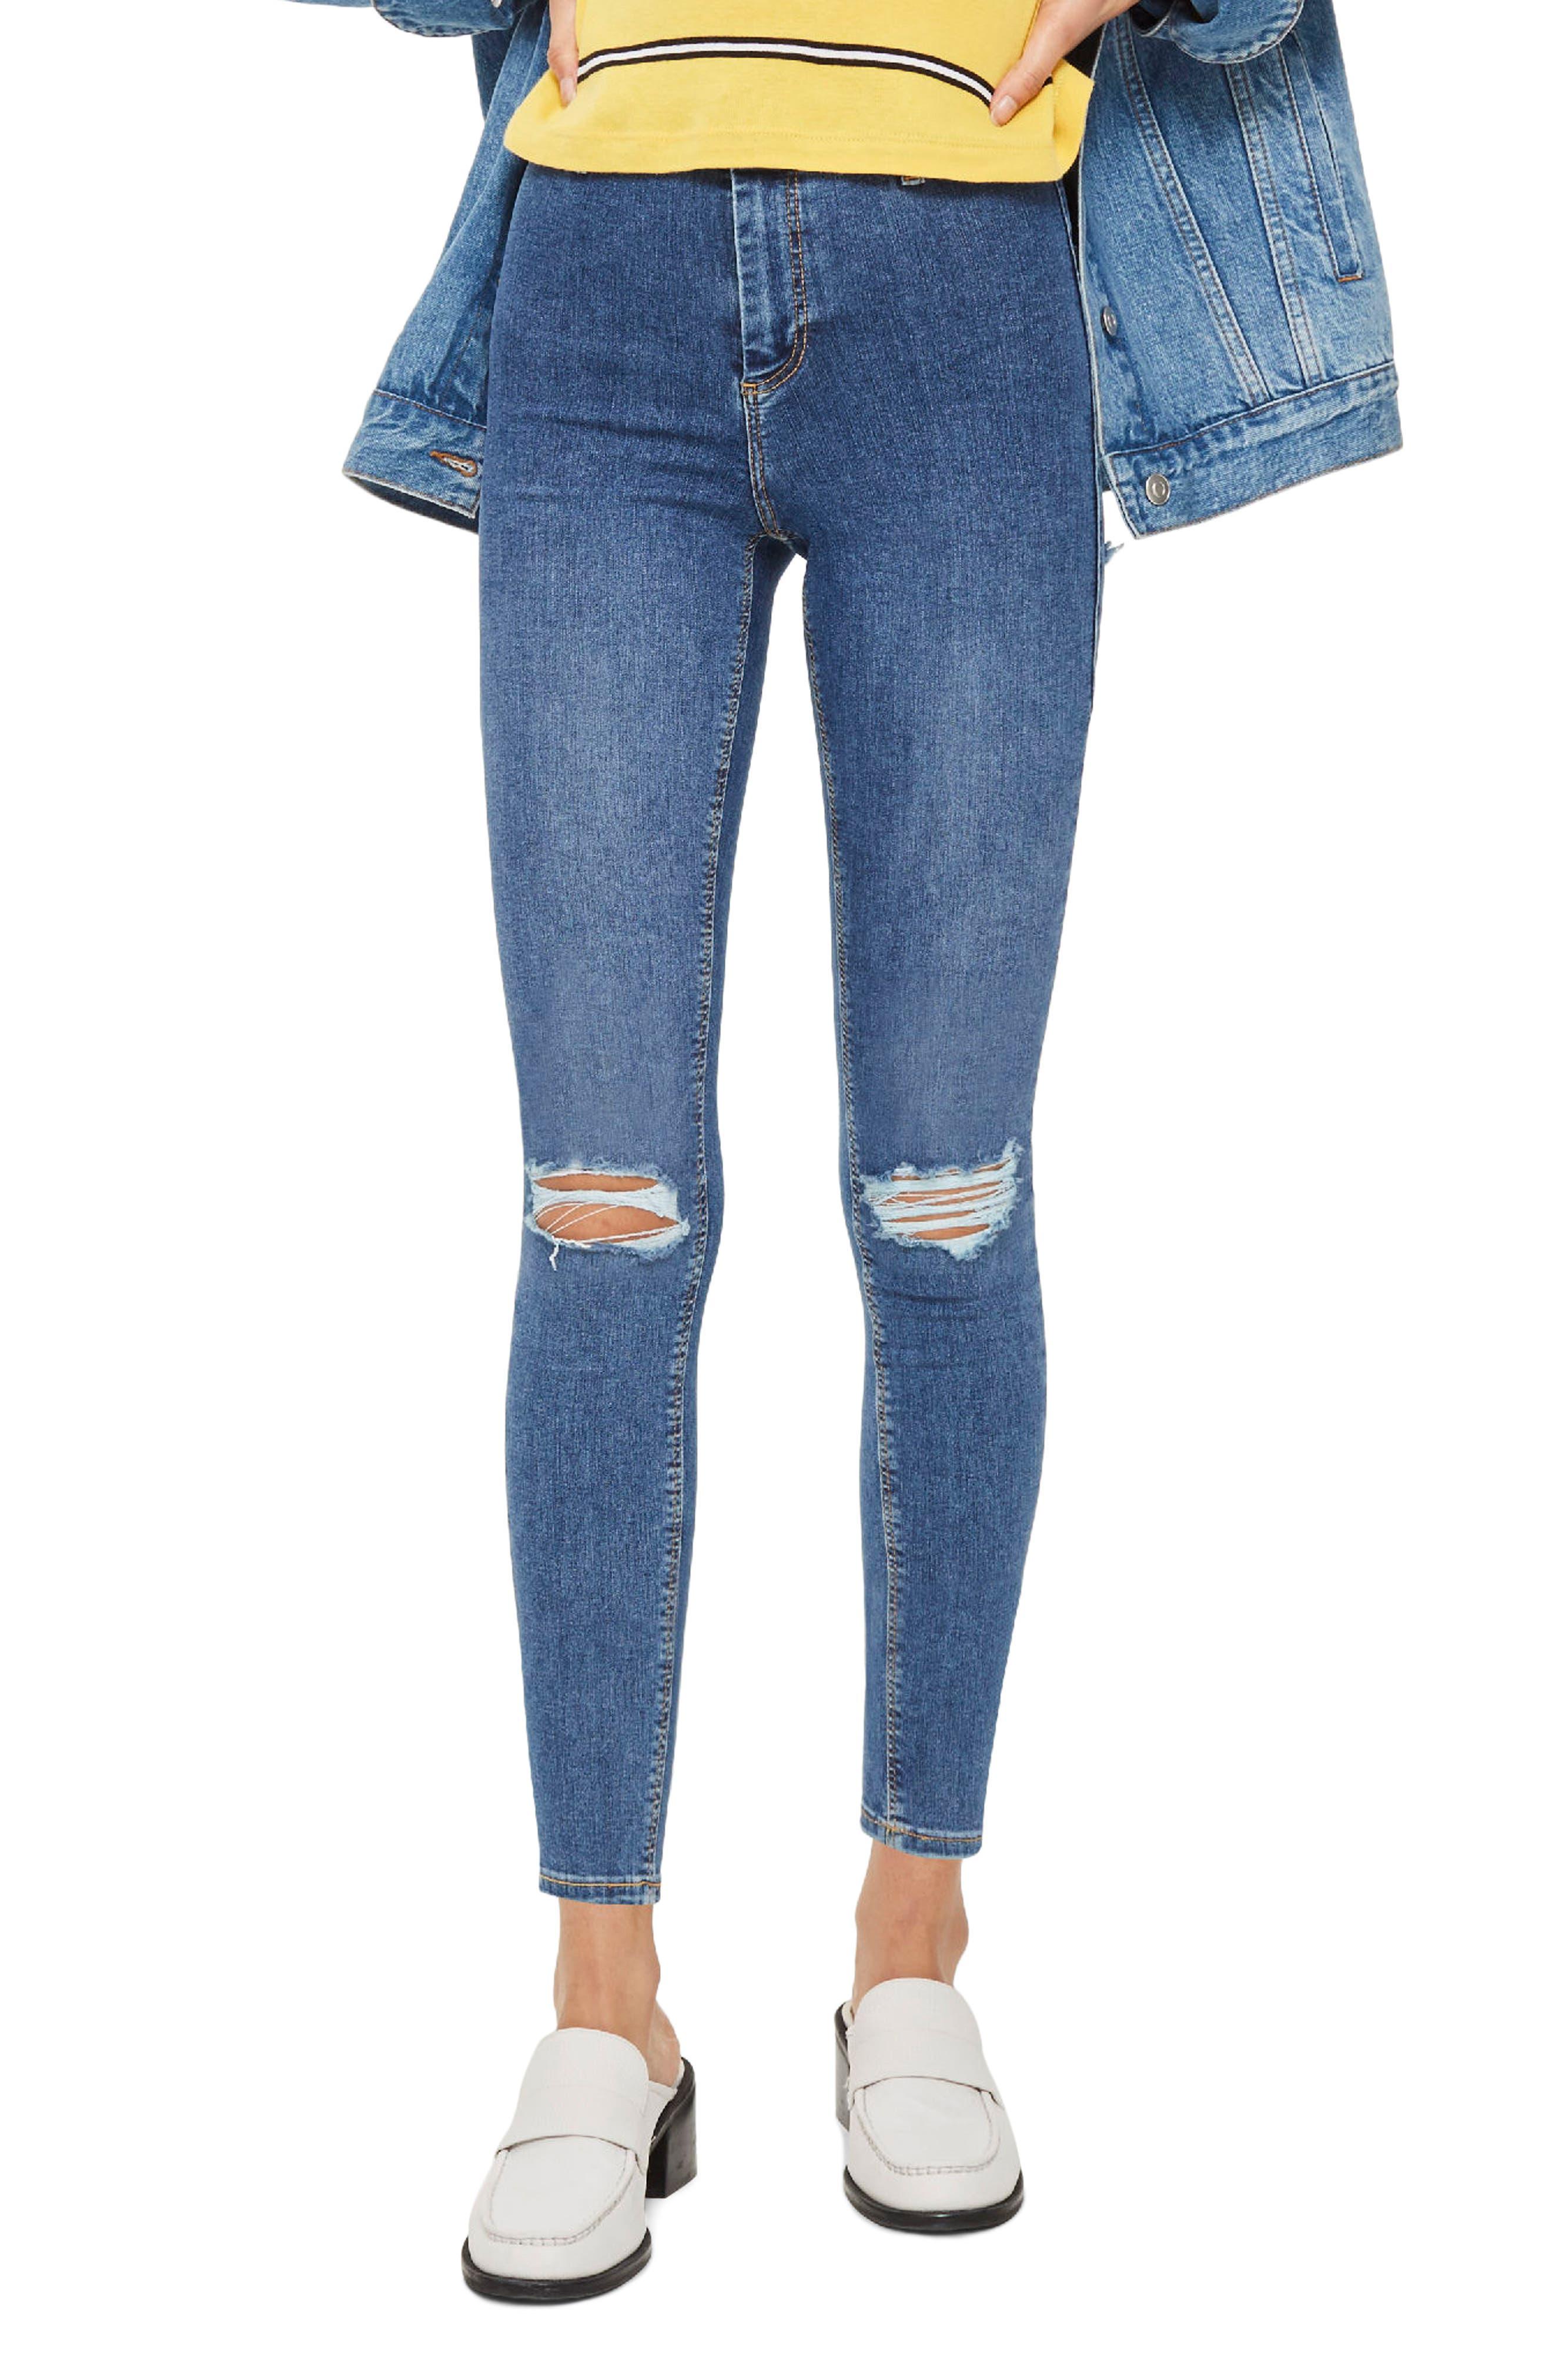 Topshop Joni Distressed Skinny Jeans